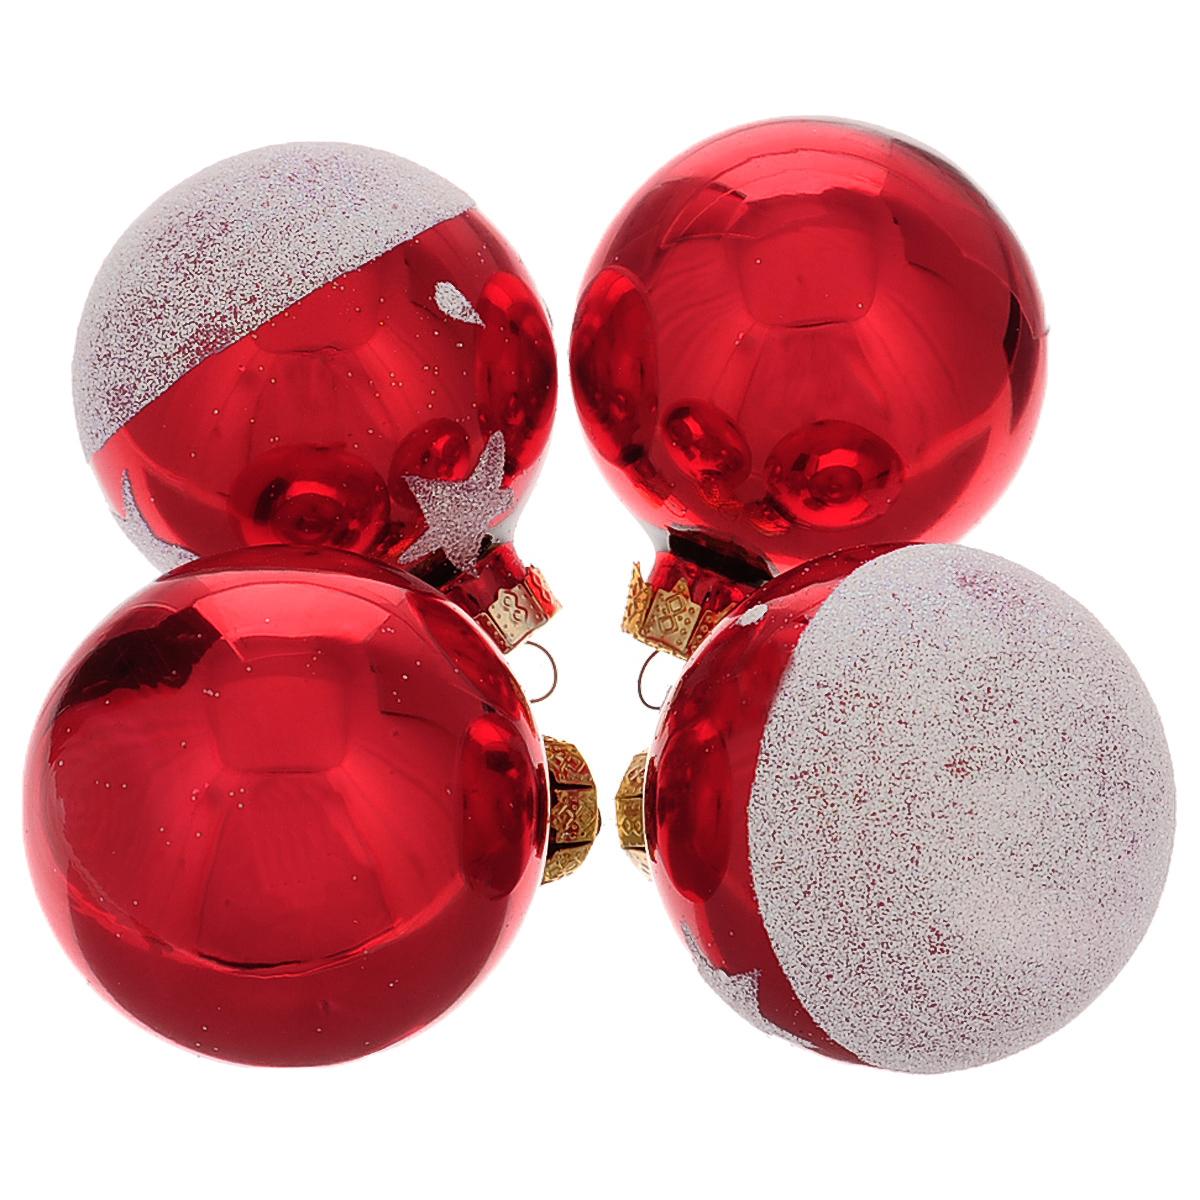 Набор новогодних подвесных украшений Шар, цвет: серебристый, красный, диаметр 6 см, 4 шт. 3448434484Набор новогодних подвесных украшений Шар прекрасно подойдет для праздничного декора новогодней ели. Состоит из четырех шаров. Елочная игрушка - символ Нового года. Она несет в себе волшебство и красоту праздника. Создайте в своем доме атмосферу веселья и радости, украшая новогоднюю елку нарядными игрушками, которые будут из года в год накапливать теплоту воспоминаний. Коллекция декоративных украшений принесет в ваш дом ни с чем несравнимое ощущение волшебства! Откройте для себя удивительный мир сказок и грез. Почувствуйте волшебные минуты ожидания праздника, создайте новогоднее настроение вашим дорогим и близким.